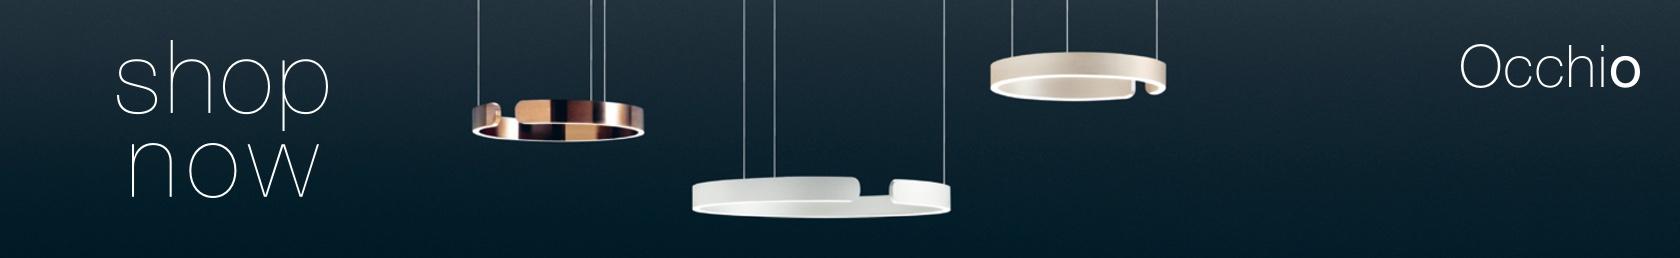 Einrichtungshaus vanDorp Bonn Lampen und Leuchten Occhio Beleuchtung Shop